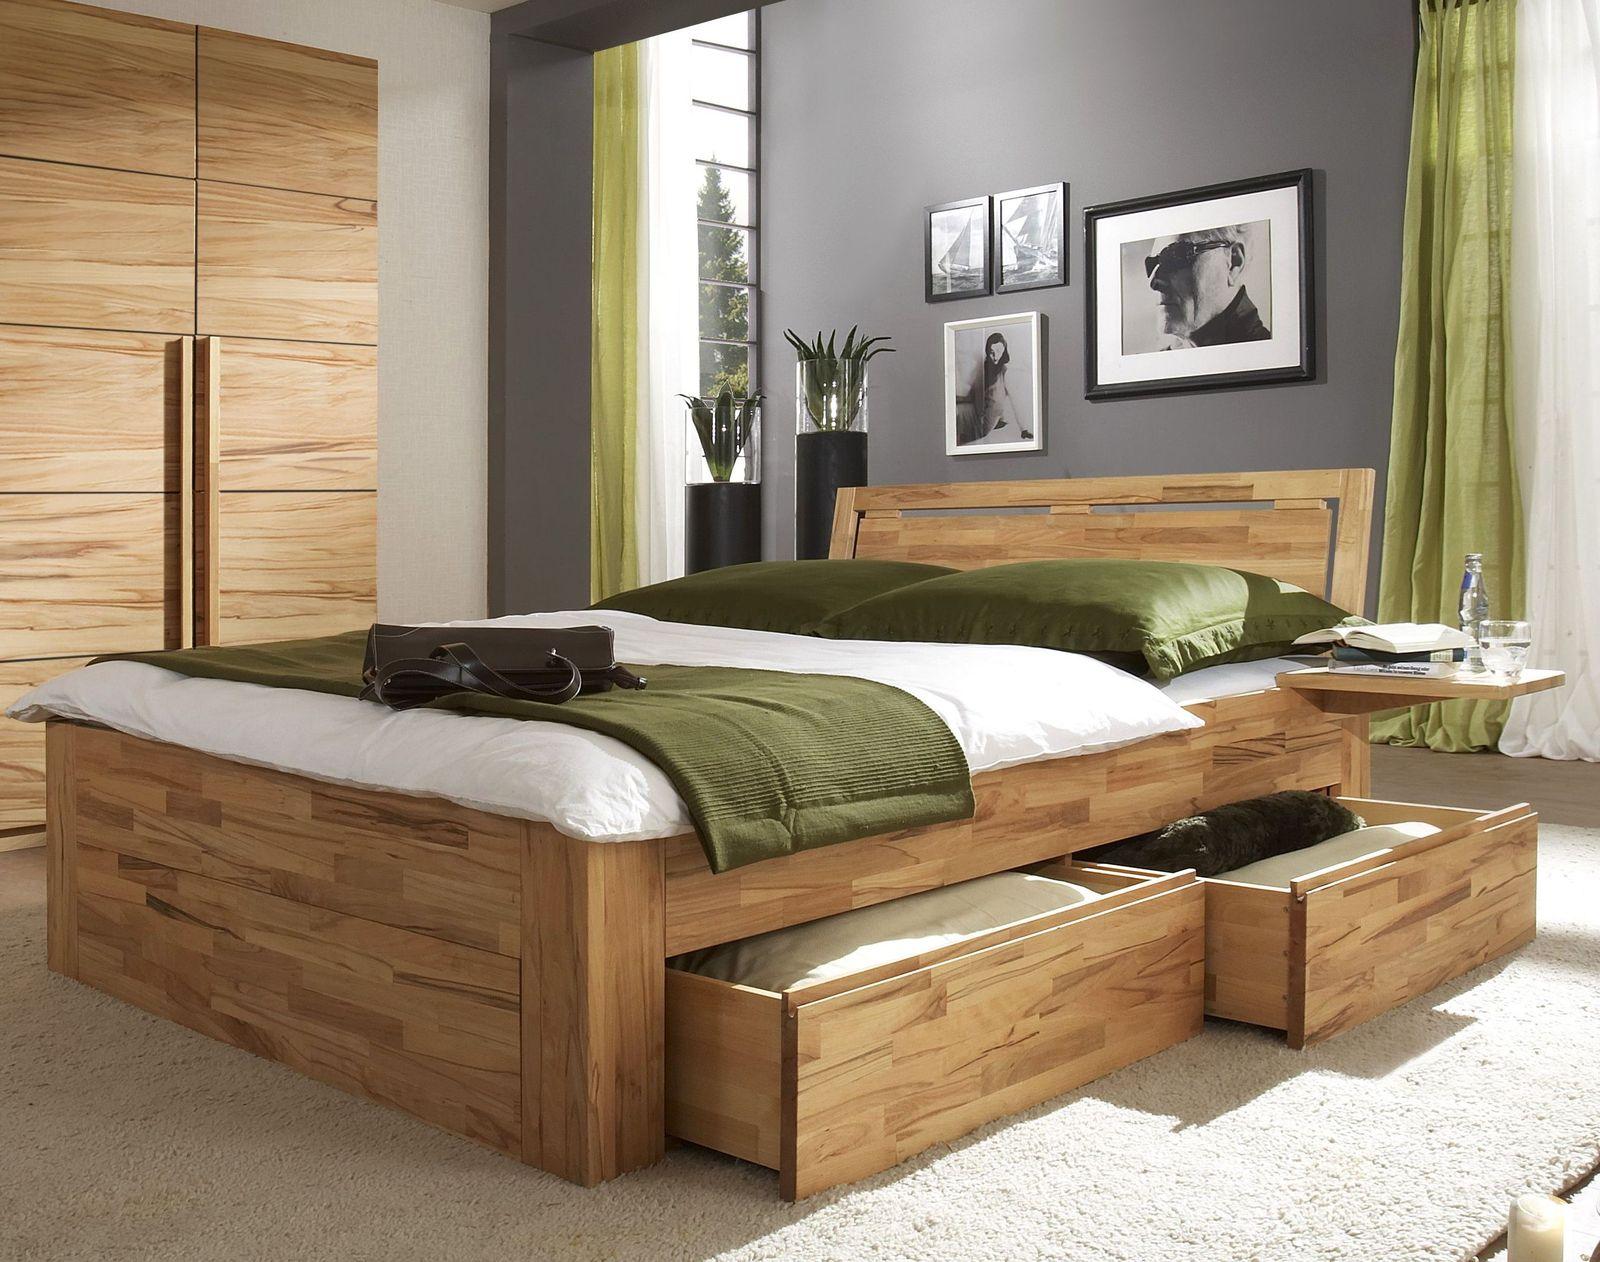 Schubkastenbett Mit Zusätzlichem Stauraum Bett Andalucia